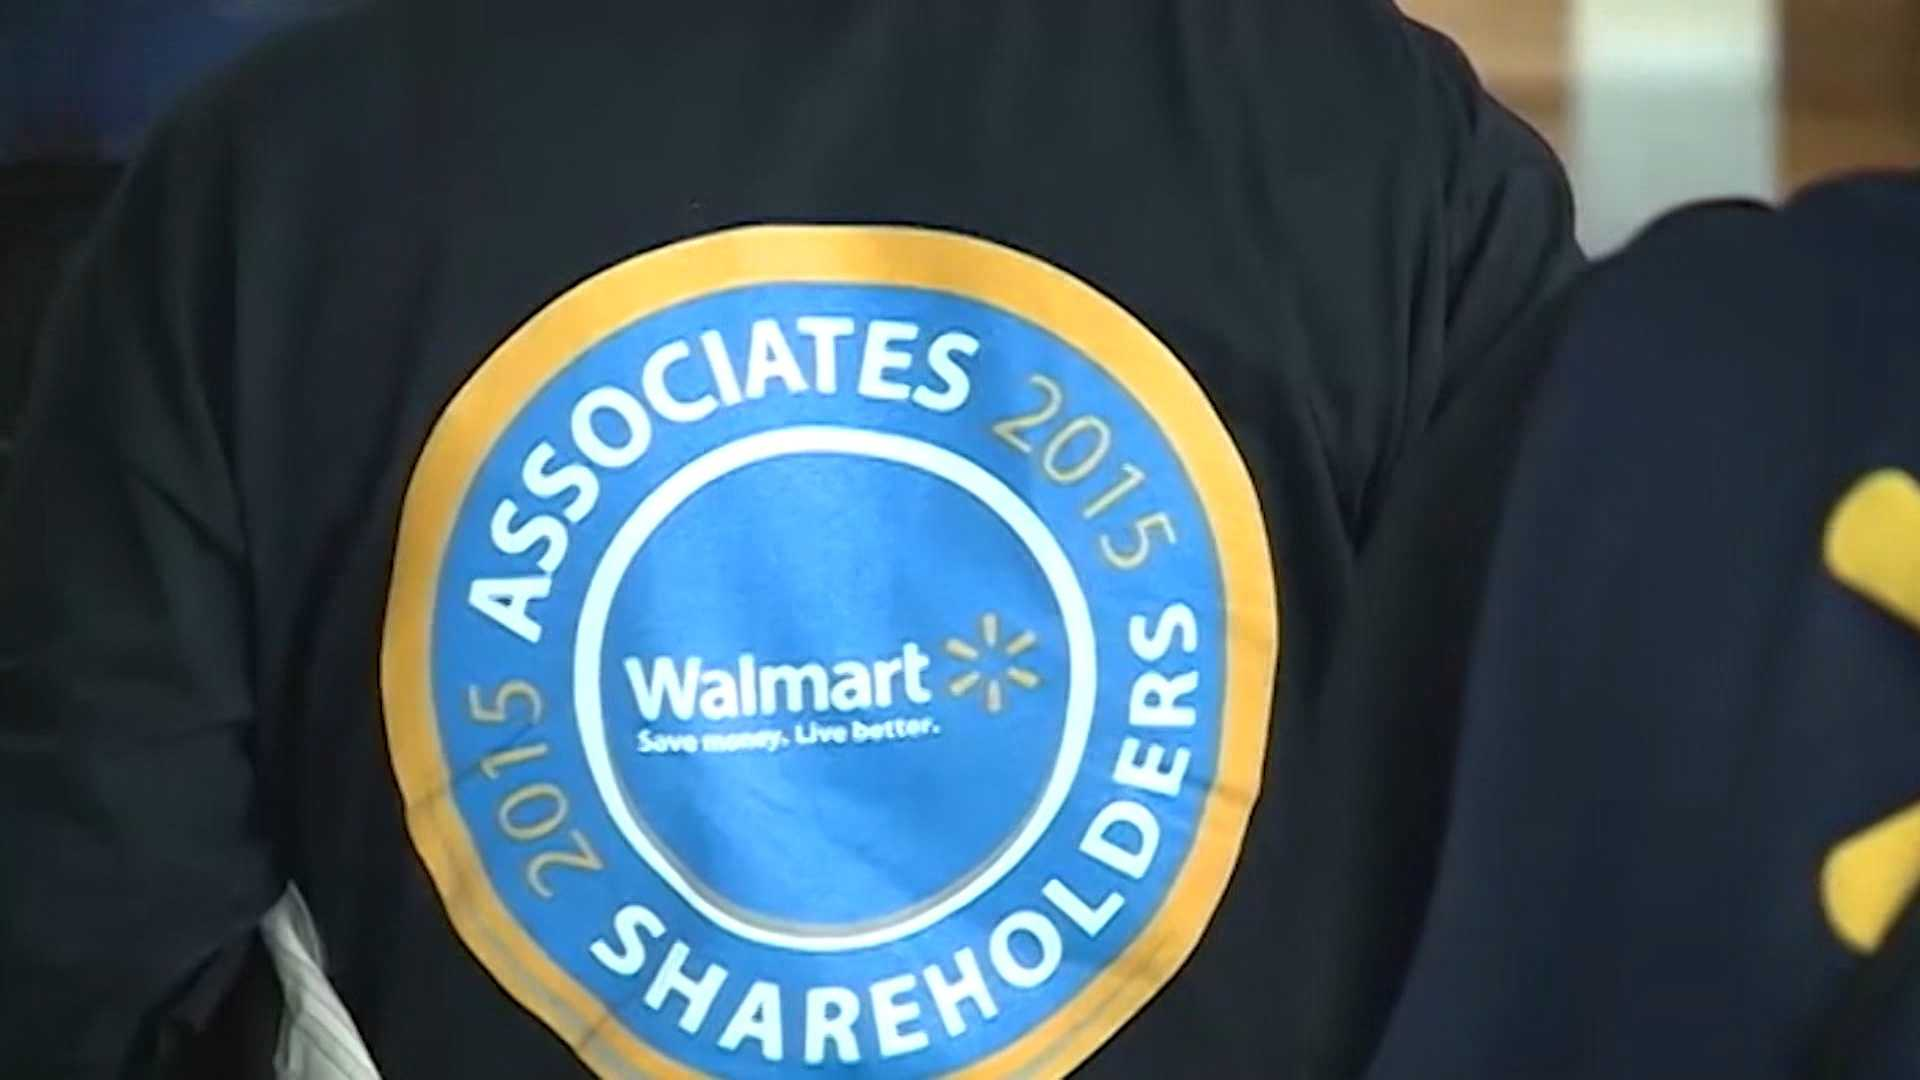 shareholders pic.jpg